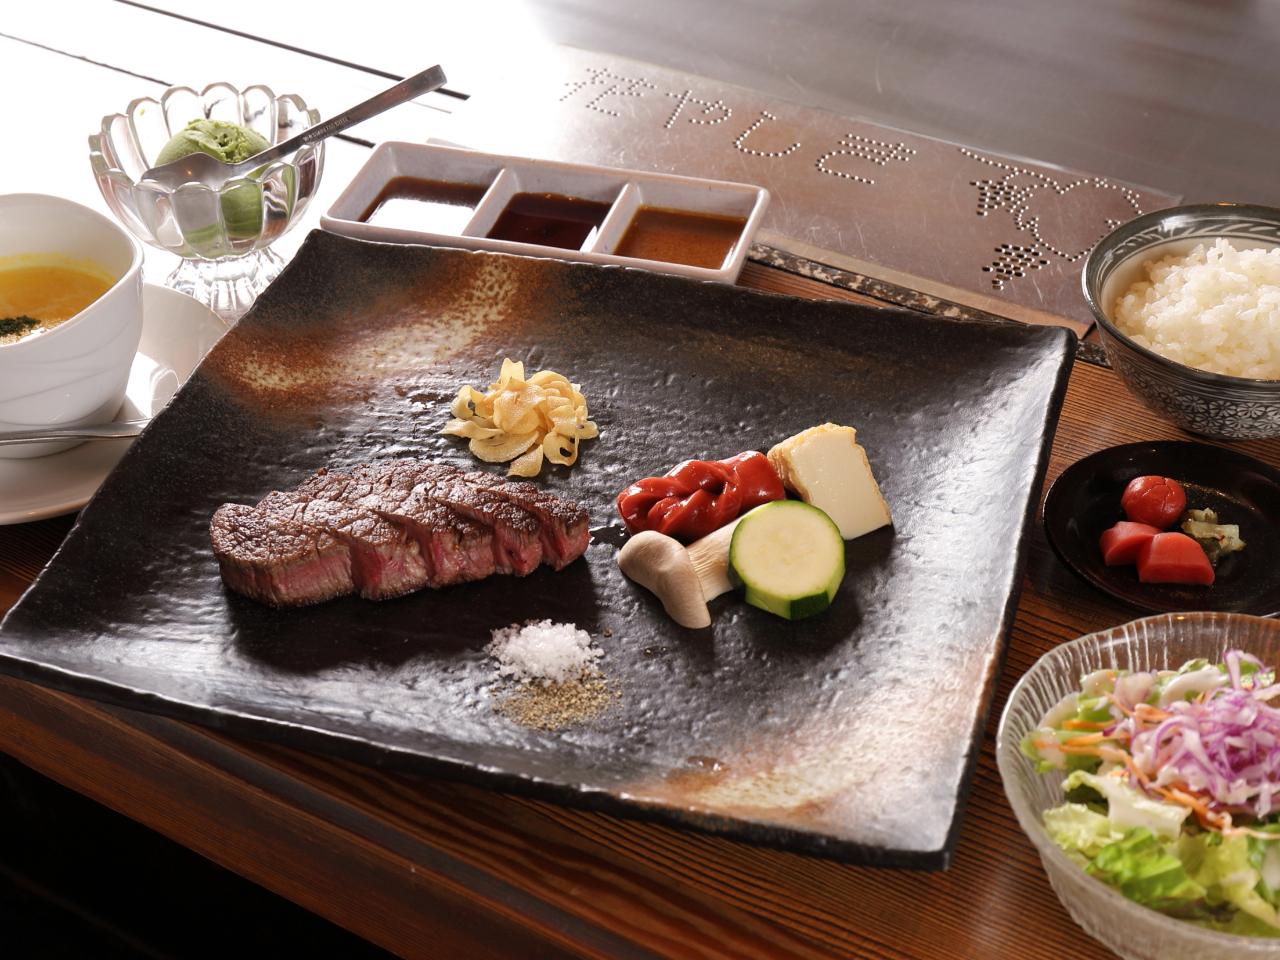 【ステーキ割烹の日帰りBランチ】国産牛フィレステーキ150gメイン!全5品の贅沢...